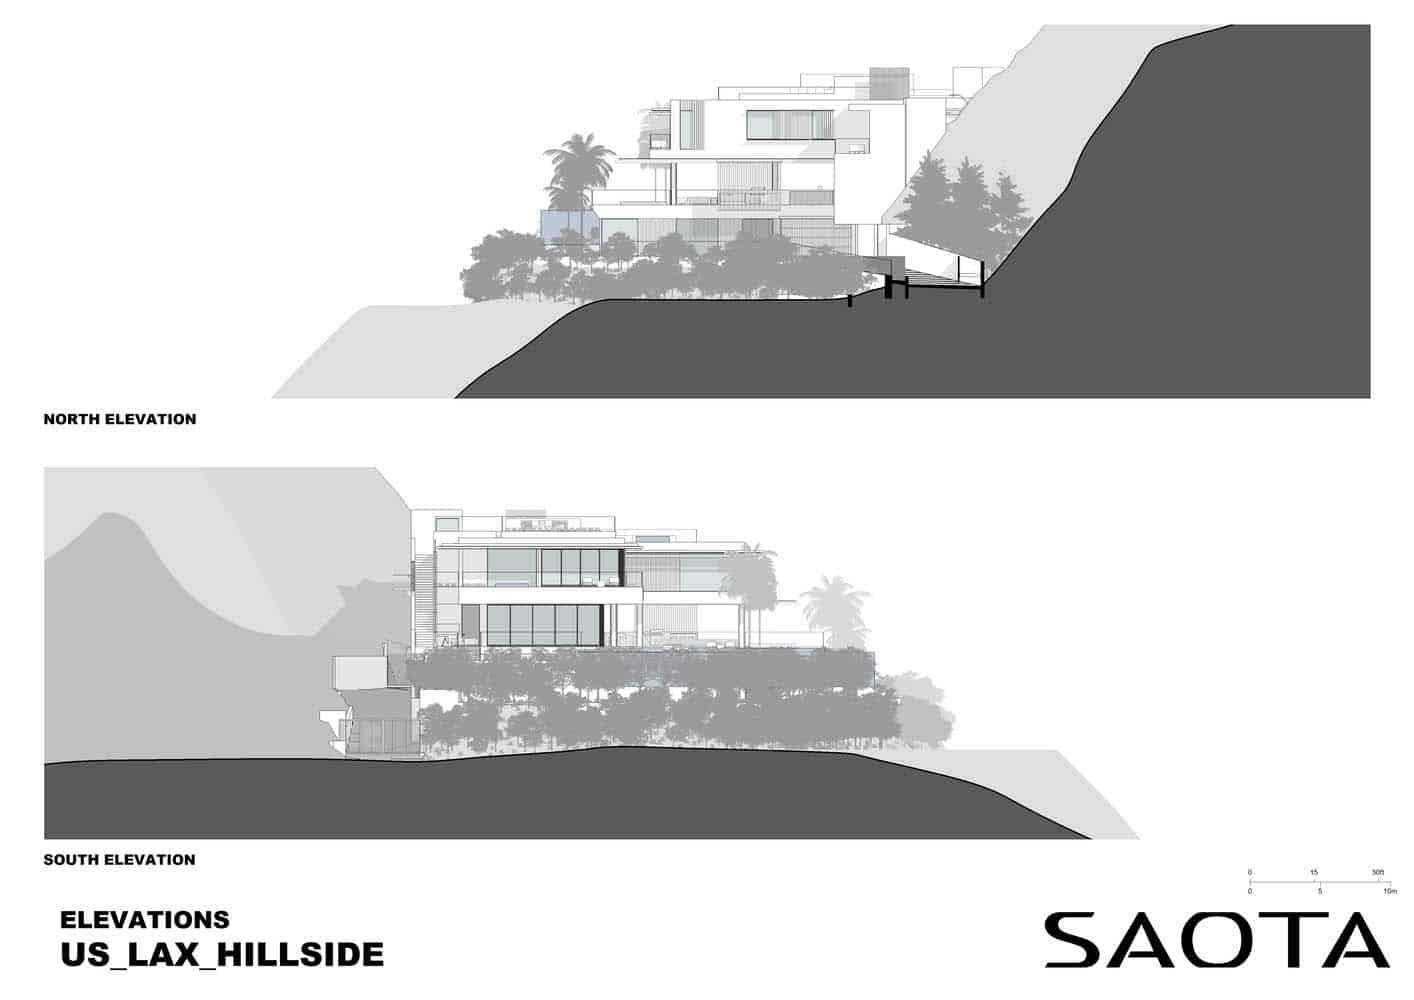 hillside-home-elevation-plan